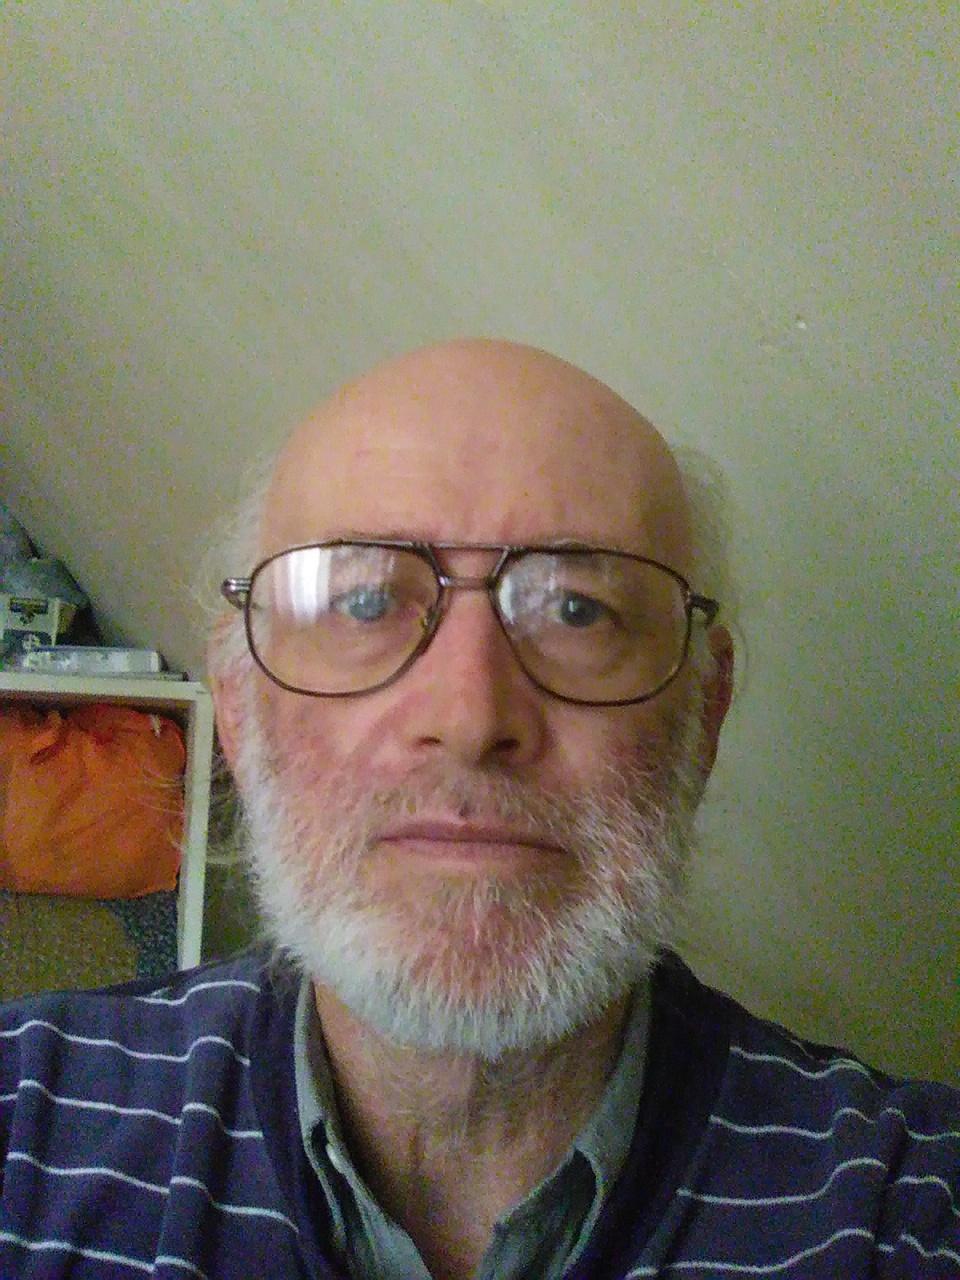 Segítségre van szükségem az online társkereső profilom felírásához